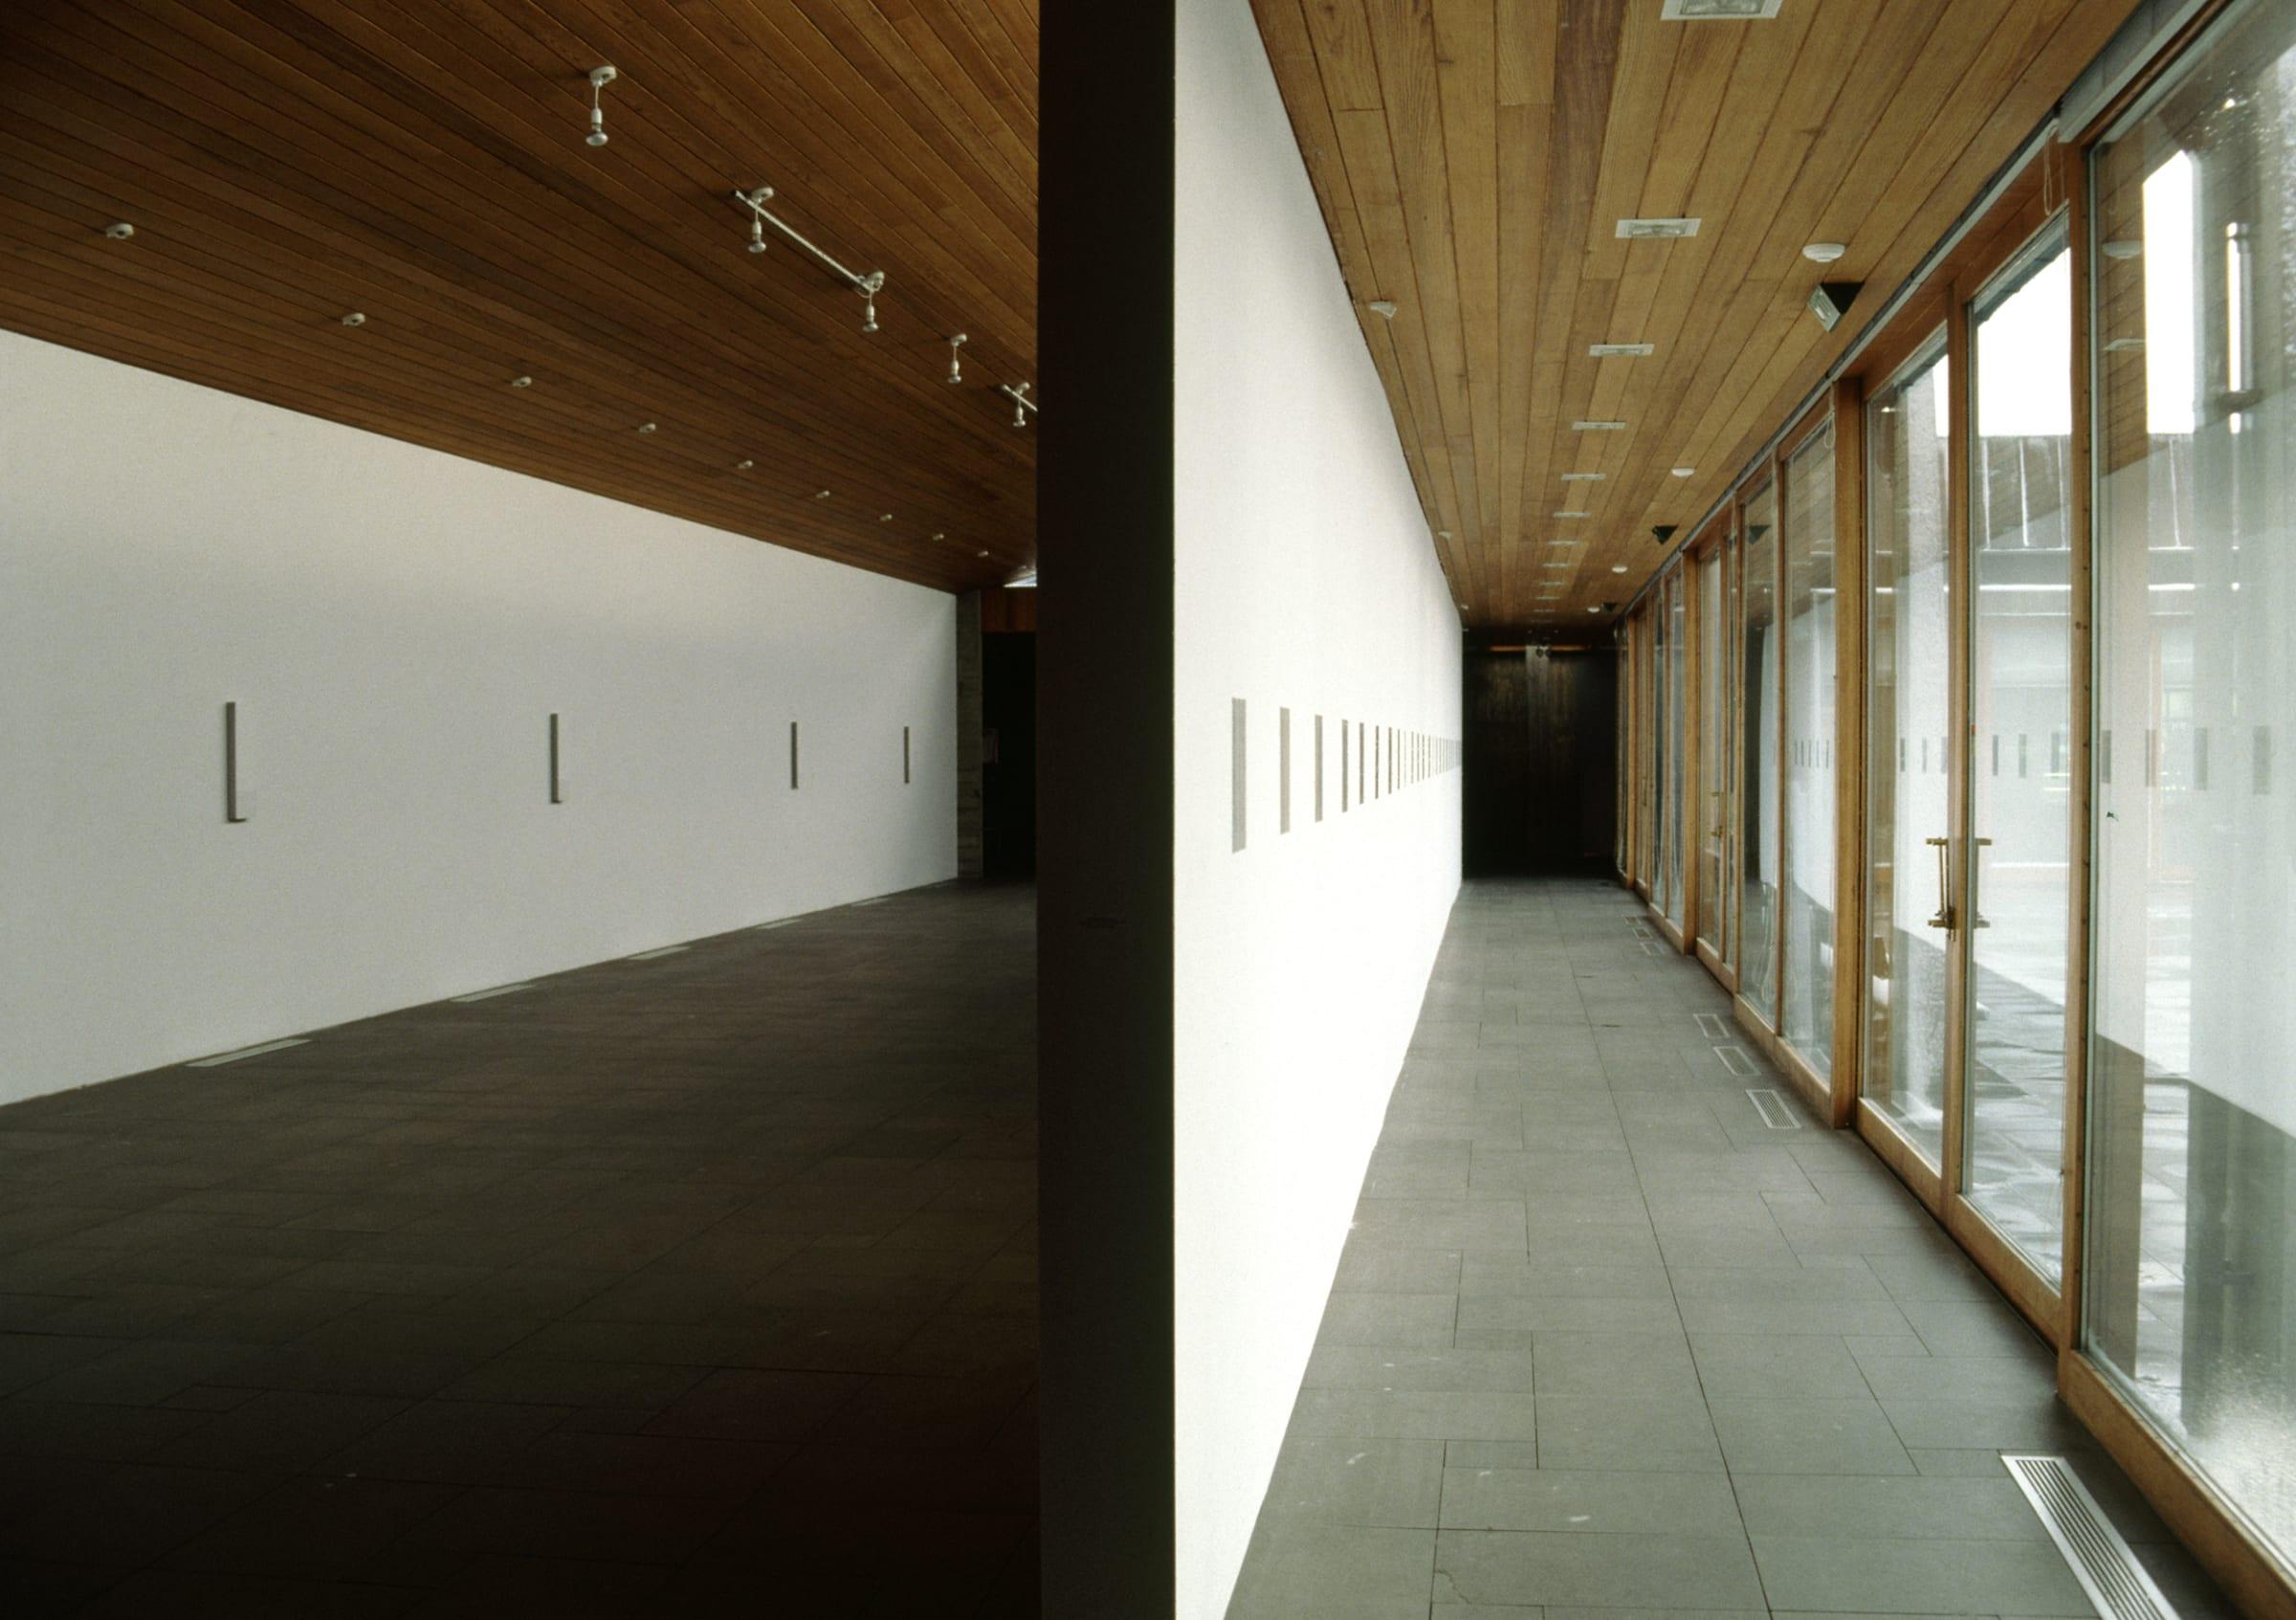 """<span class=""""link fancybox-details-link""""><a href=""""/artists/130-ingolfur-arnarsson/works/15495/"""">View Detail Page</a></span><div class=""""artist""""><strong>INGÓLFUR ARNARSSON</strong></div> 1996 <div class=""""medium"""">exhibition view at Listasafn Reykjavikur - Kjarvalsstaðir</div><div class=""""copyright_line"""">Copyright The Artist</div>"""